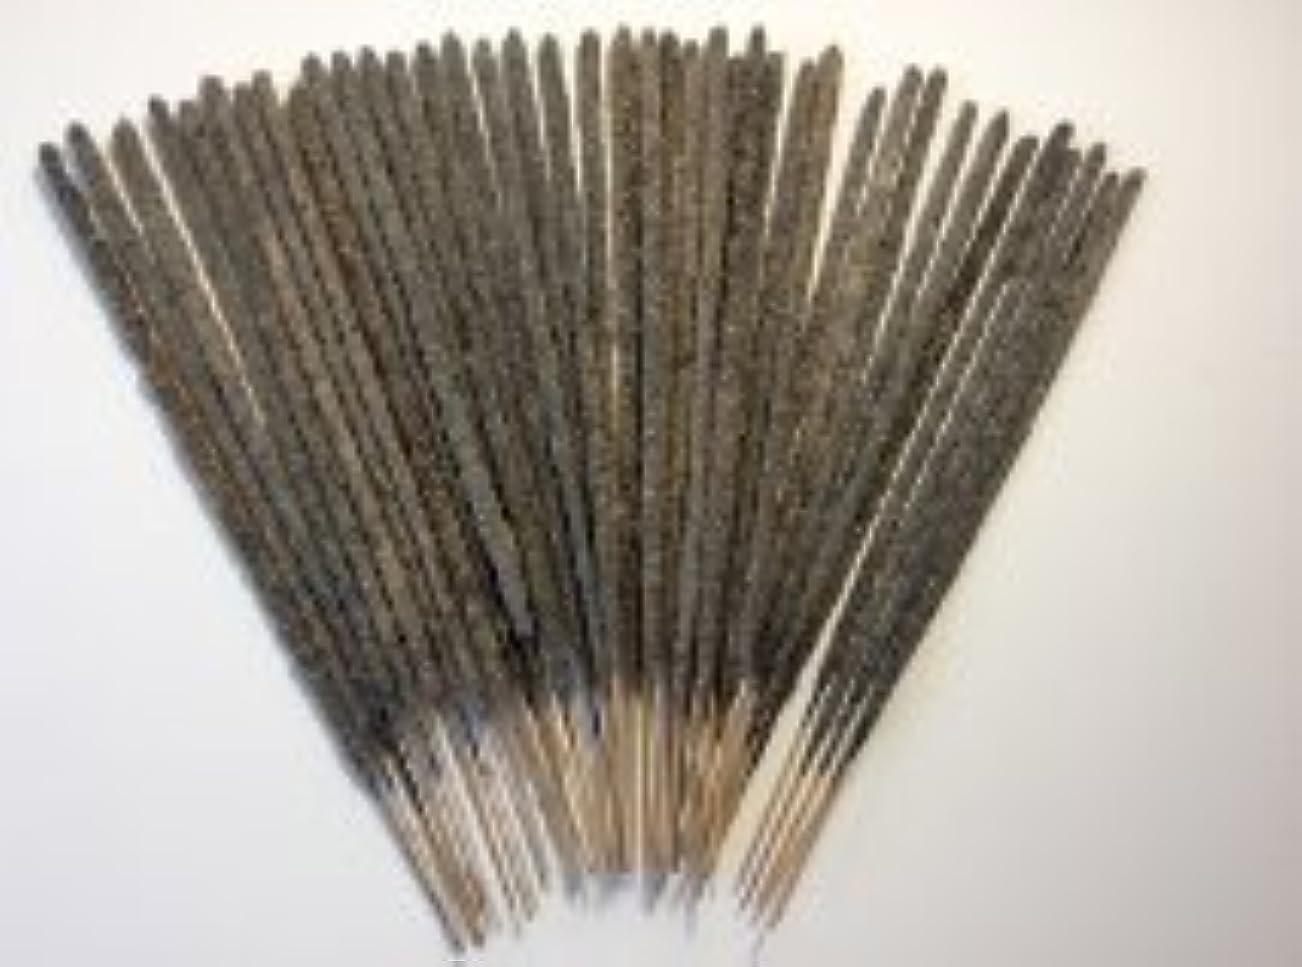 ベテランマイルド不格好Mexican Copal Incense 500 Sticksハンドメイドのメキシコwith Authentic Copal樹脂。